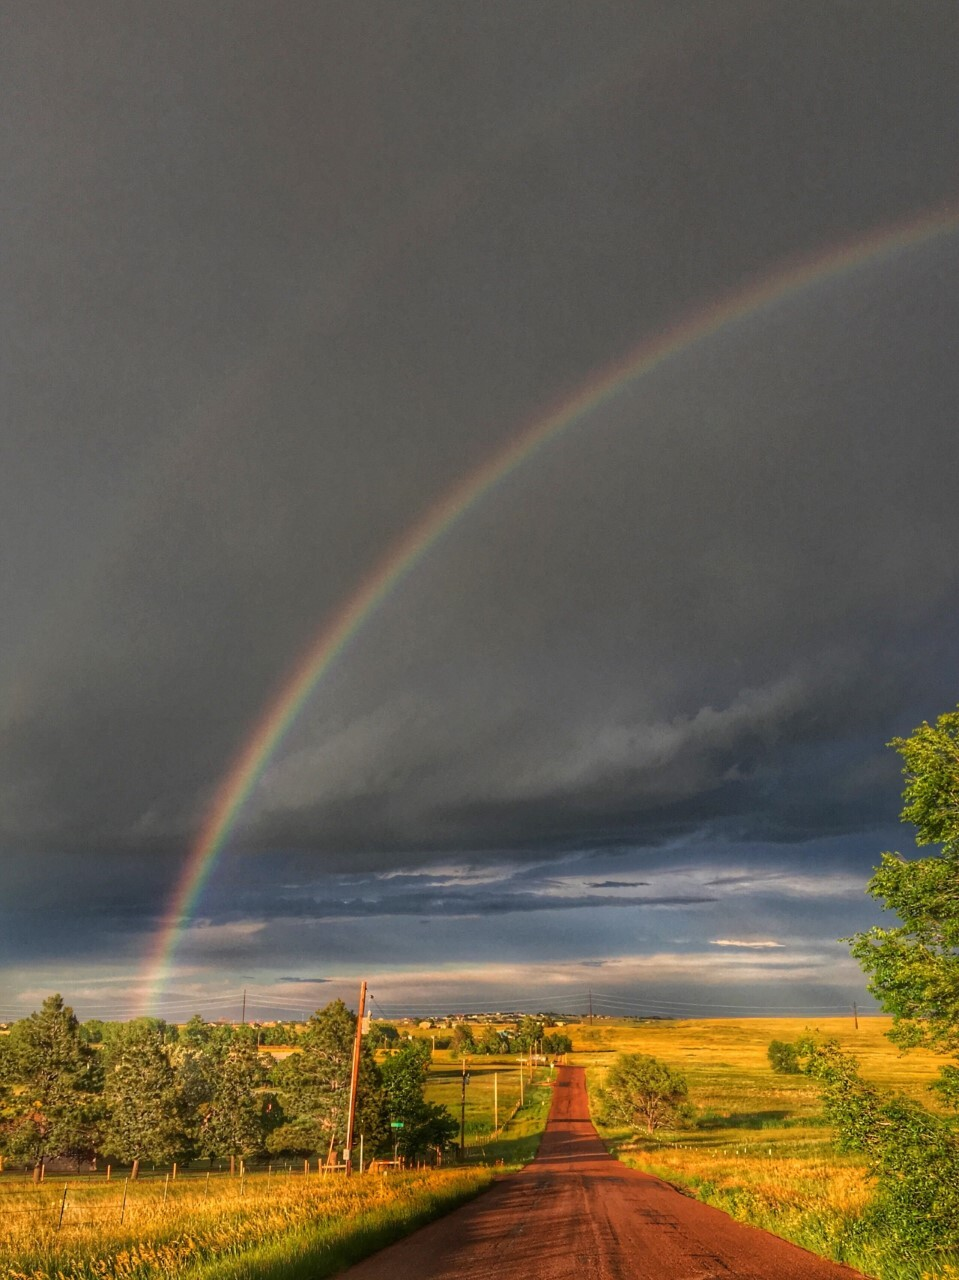 Double rainbow in Colorado Springs